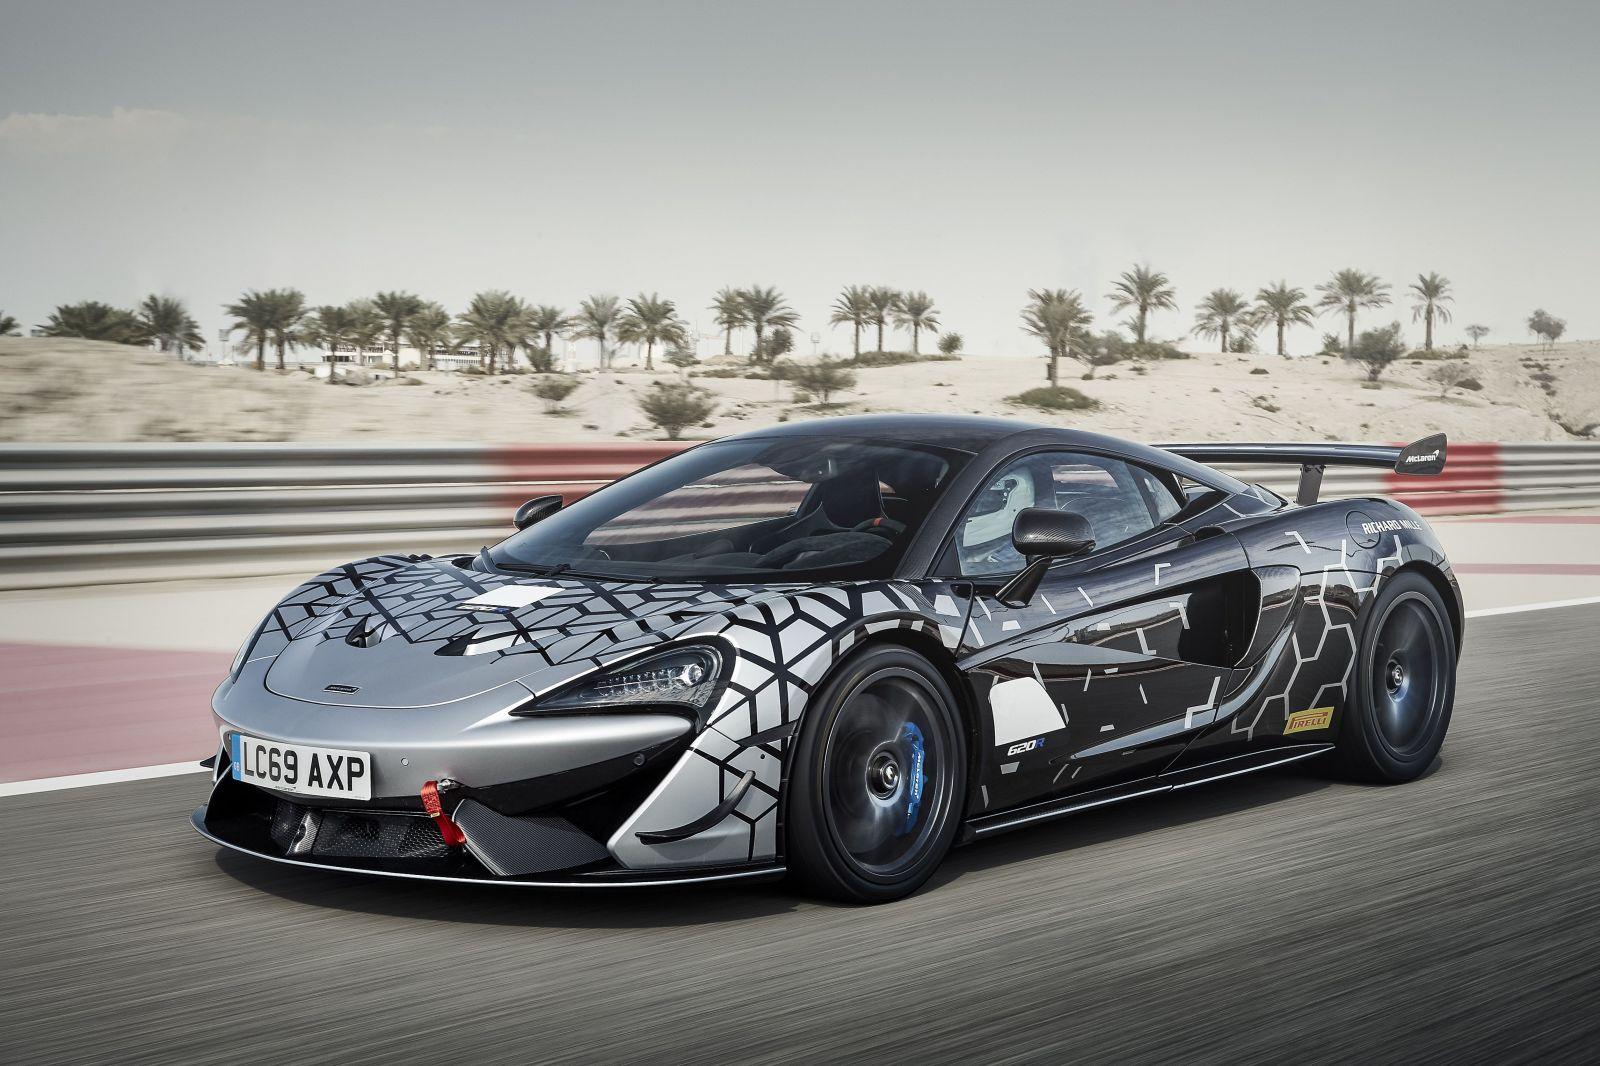 McLaren postavil pretekársky špeciál pre bežná cesty. Je najvýkonnejší svojho druhu